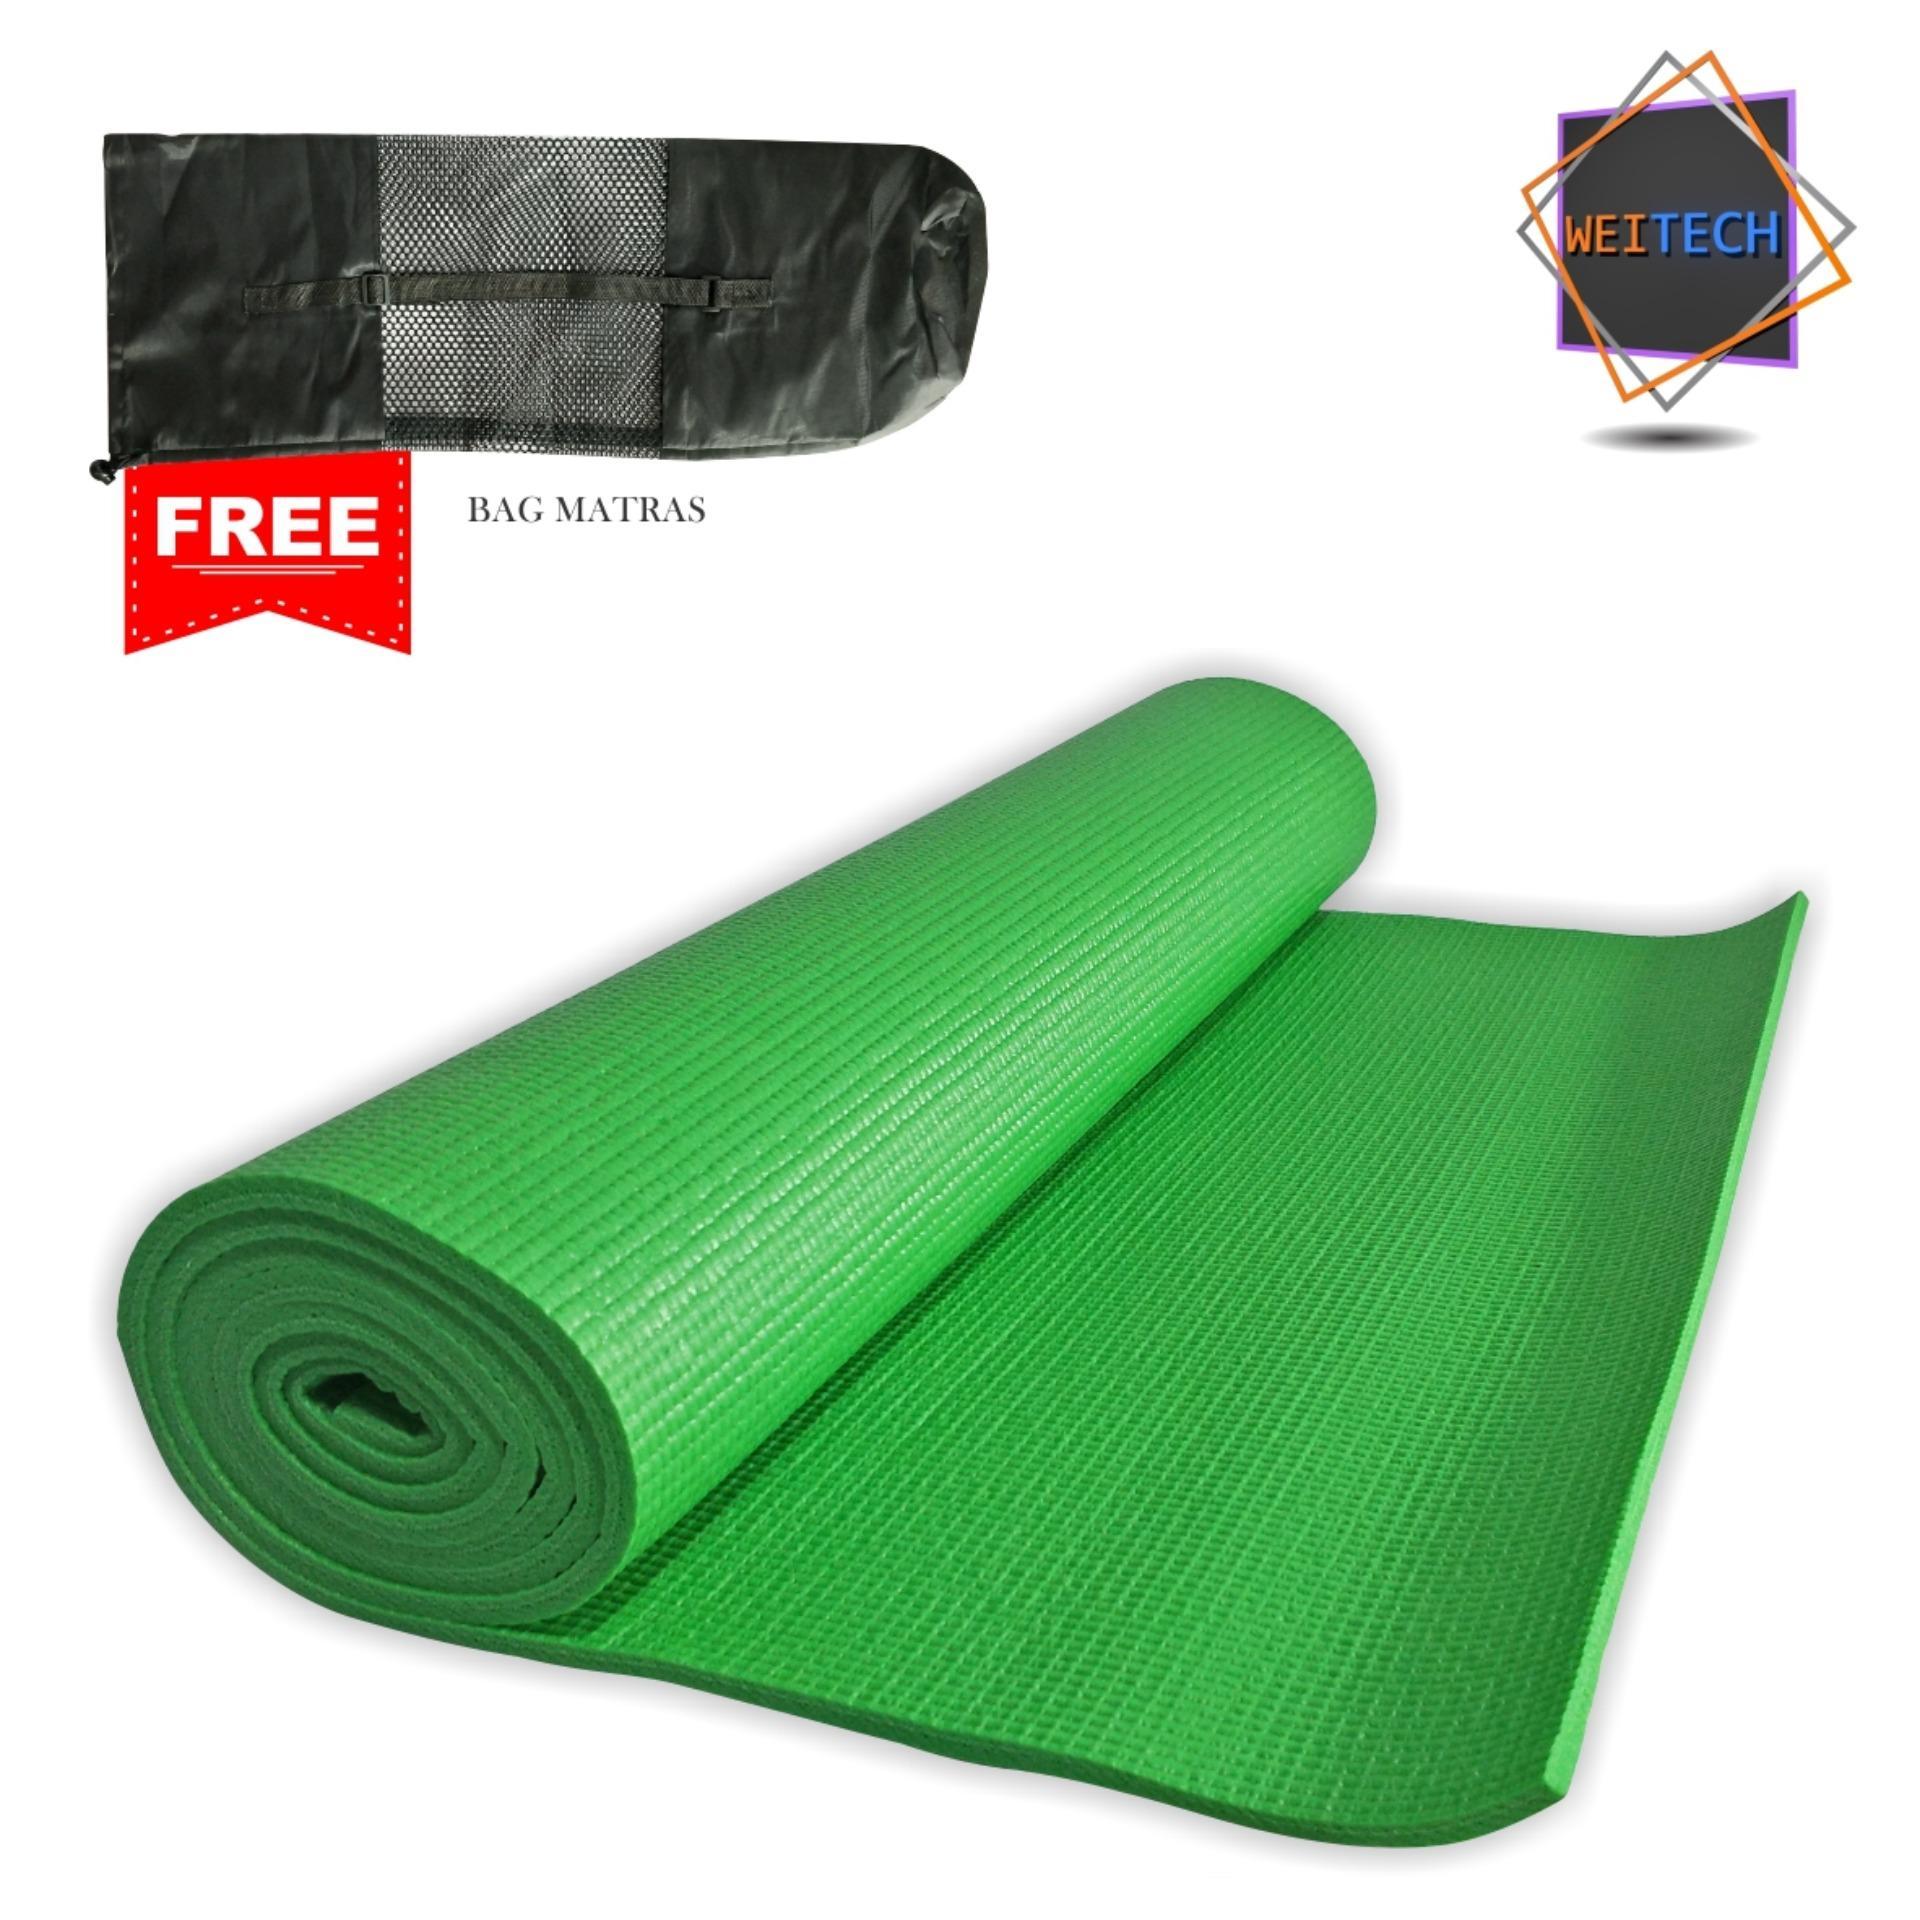 Harga Weitech Matras Yoga 8 Mm Free Tas Jaring 1001 Baru